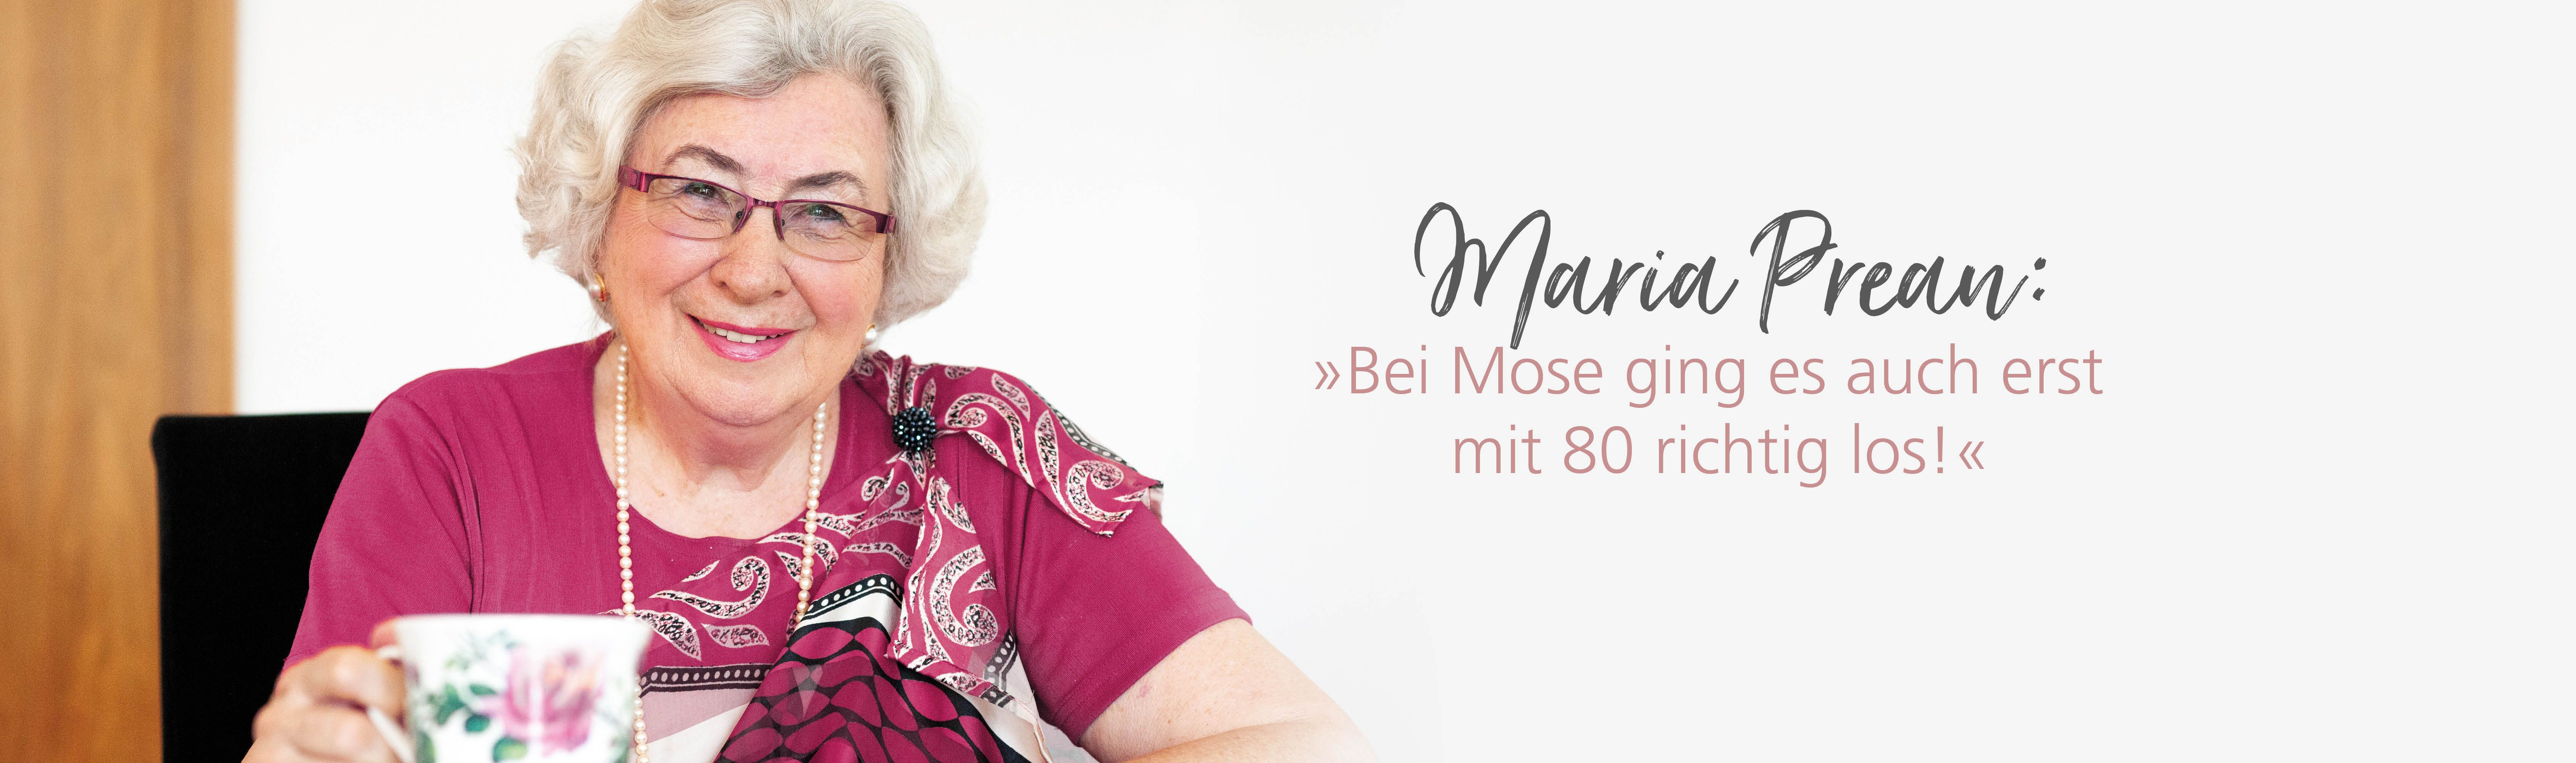 Maria Luise Prean-Bruni